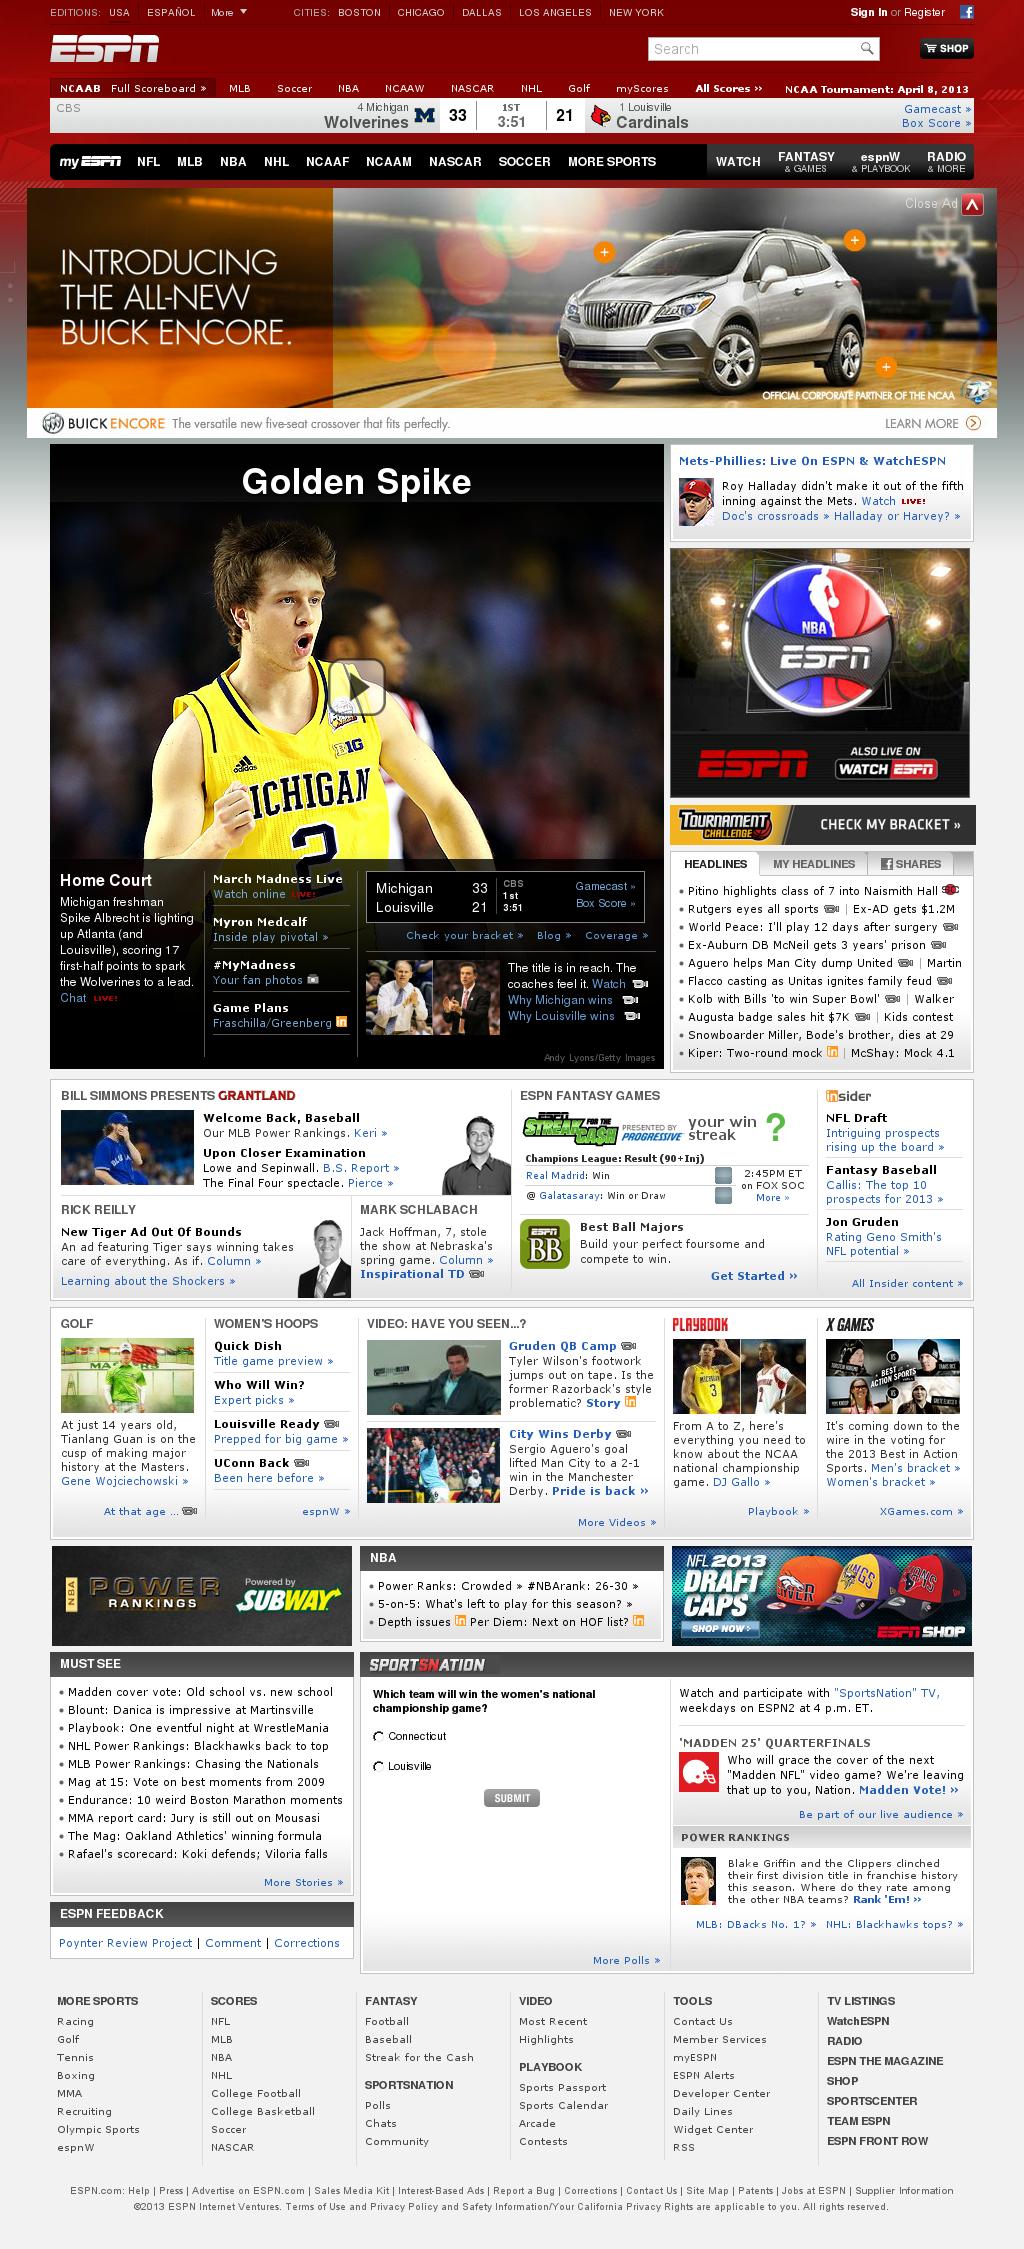 ESPN at Tuesday April 9, 2013, 2:06 a.m. UTC